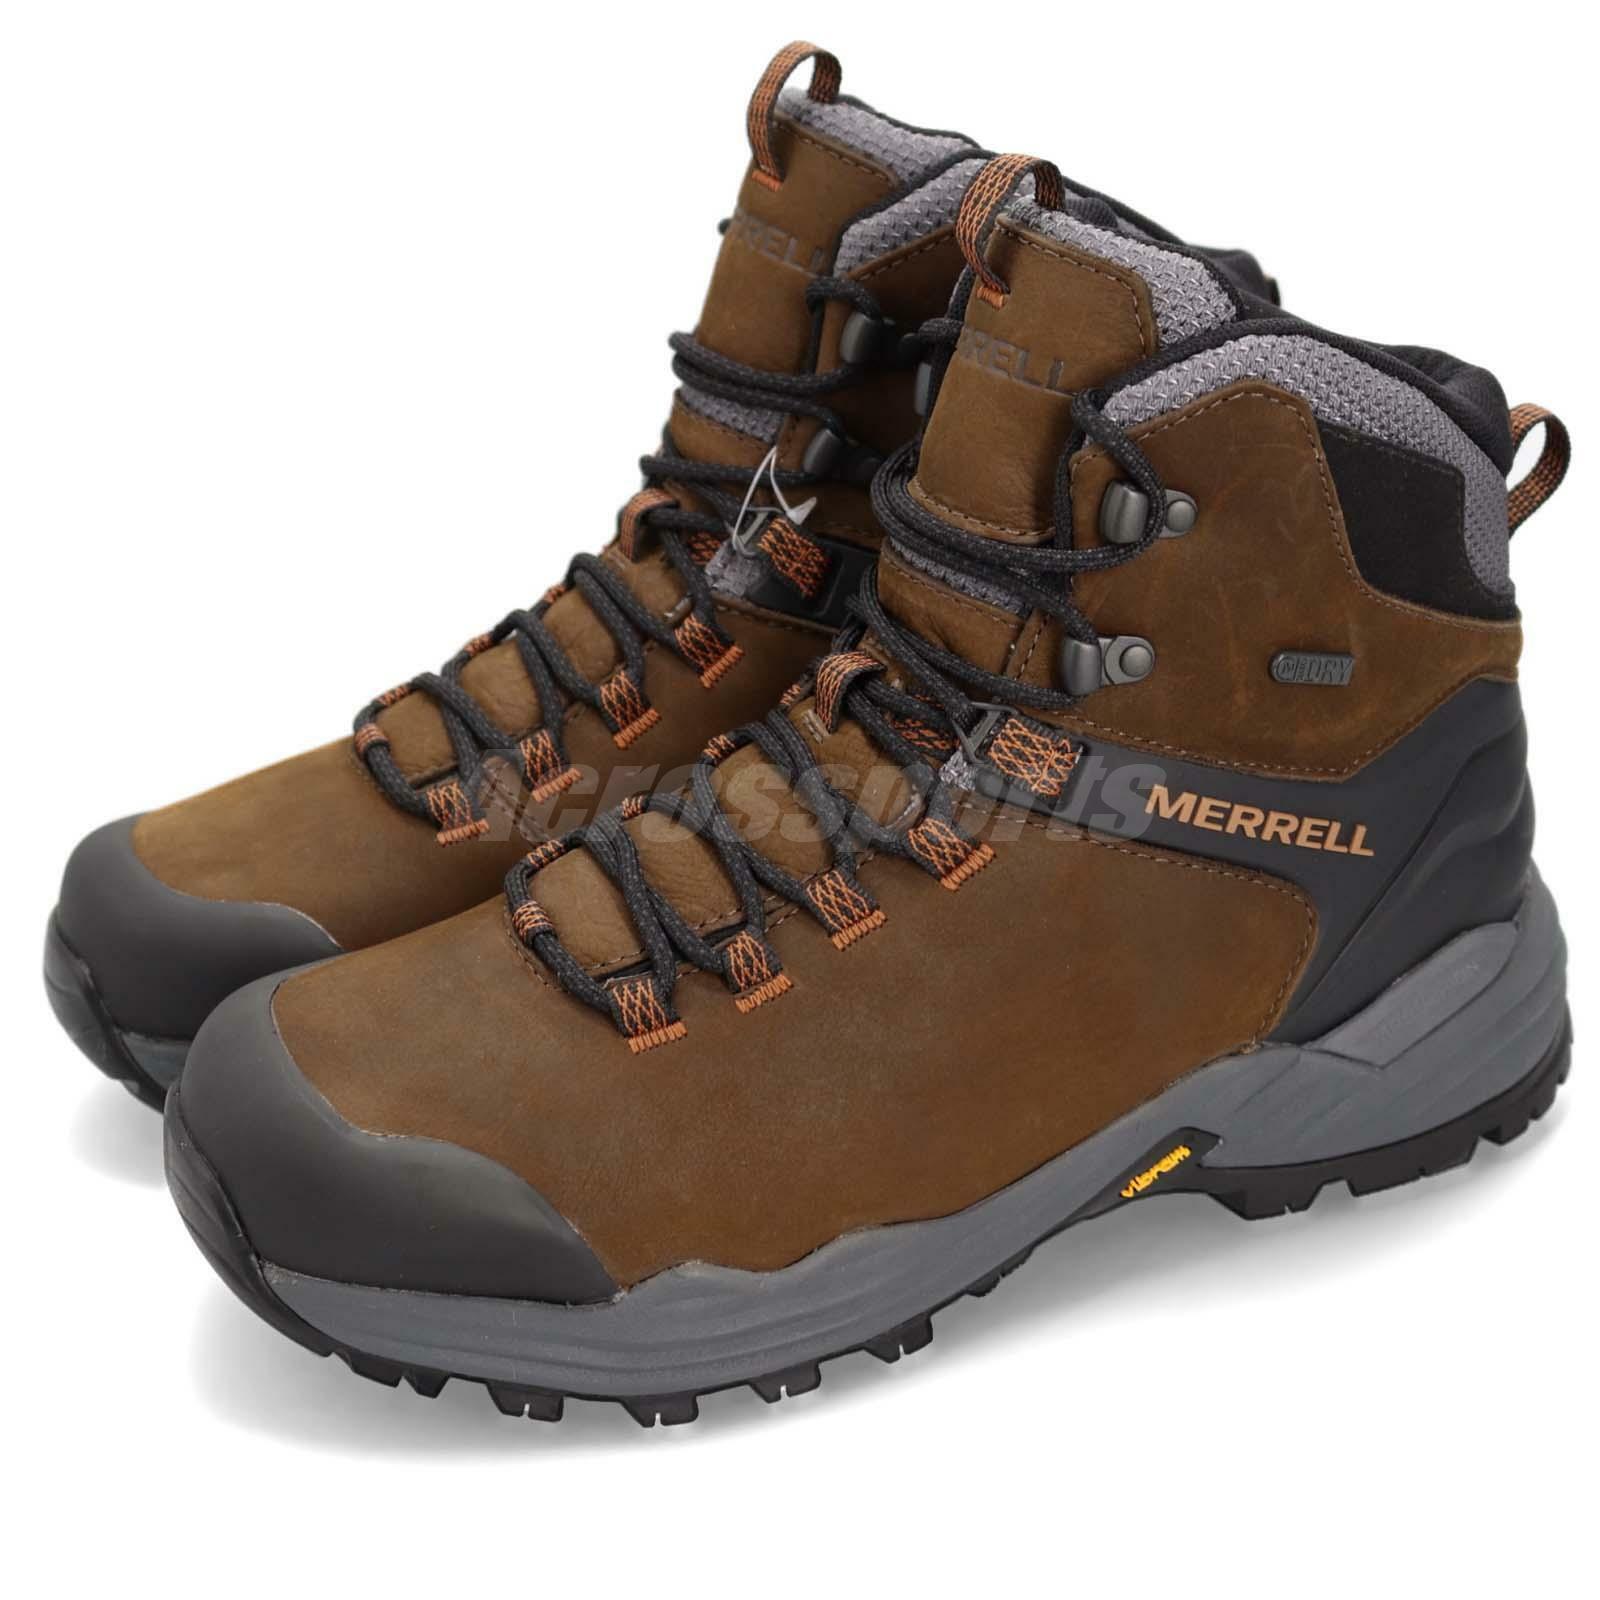 Merrell Pharbound 2 Marronee grigio nero Men  Outdoor Hiking scarpe stivali J48571  comprare a buon mercato